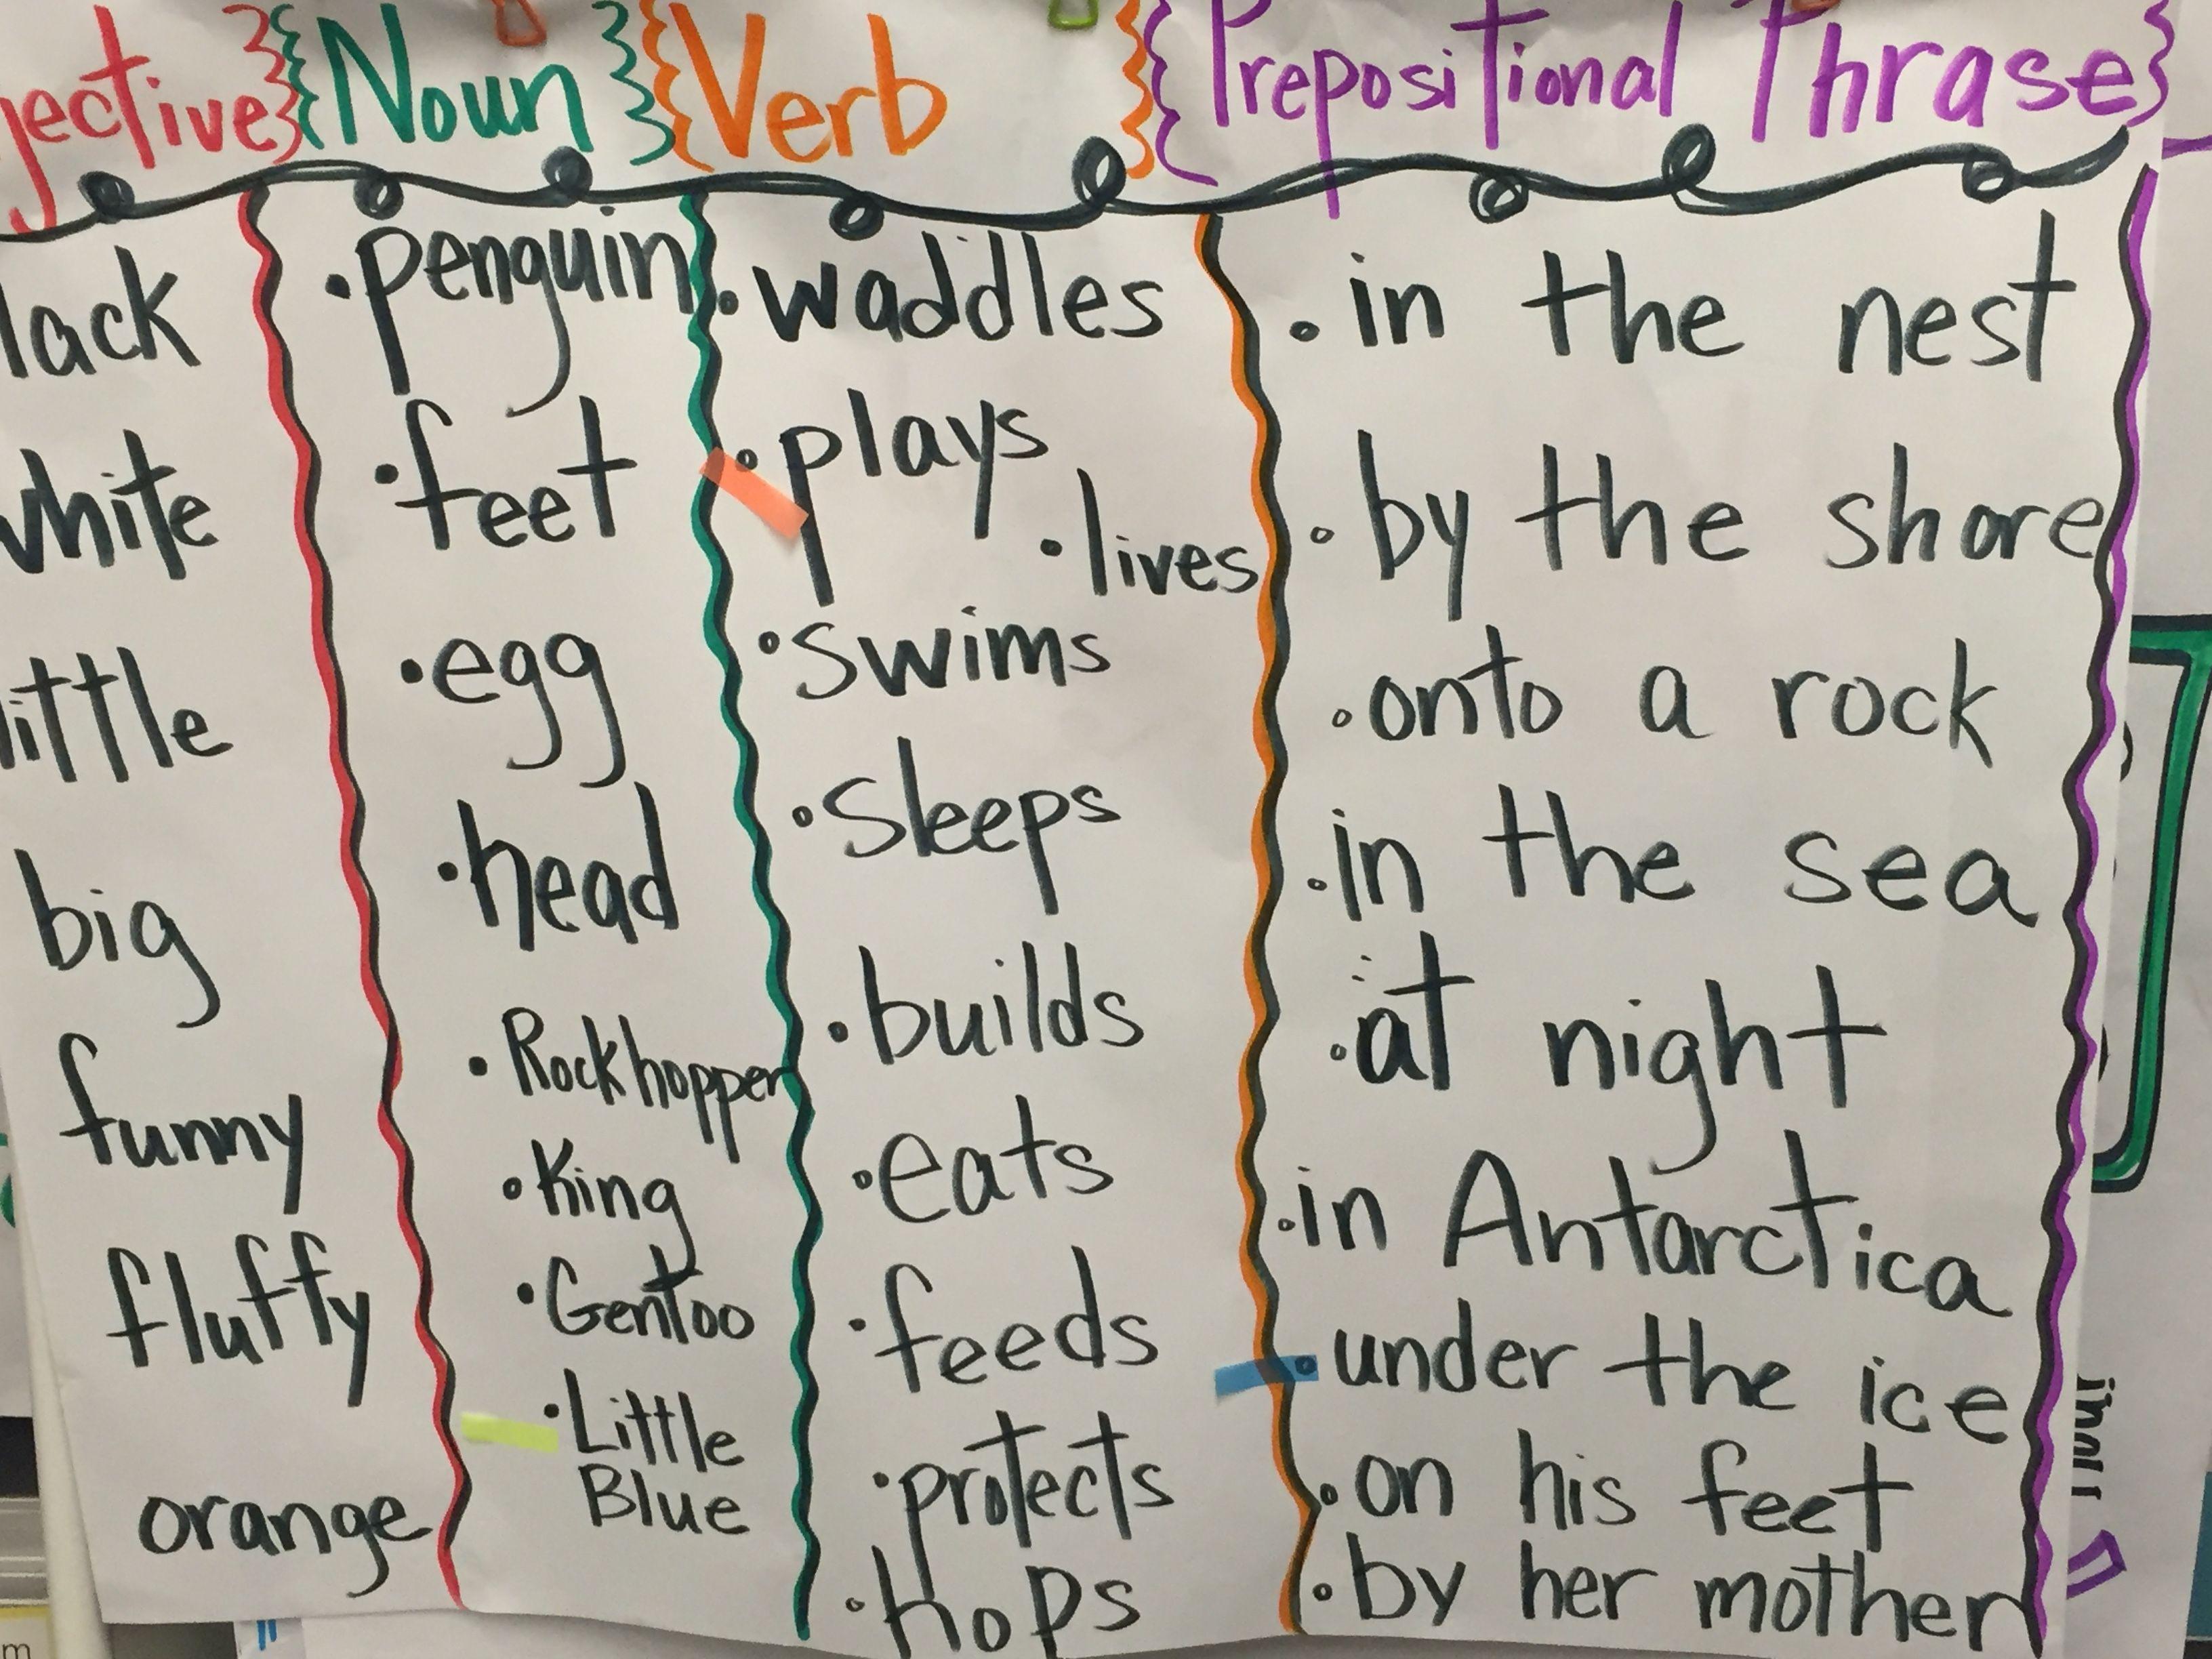 Adjective Noun Verb Prepositional Phrase Glad Sentence